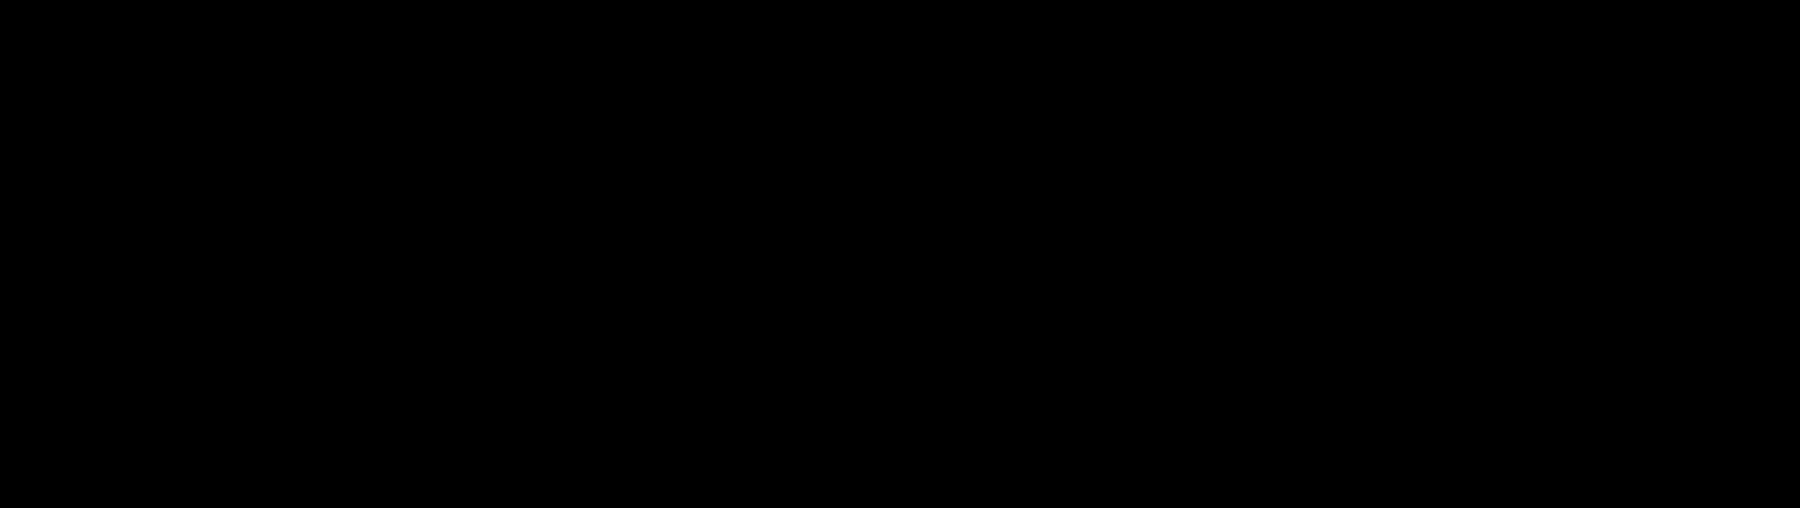 Pine Co. Logo